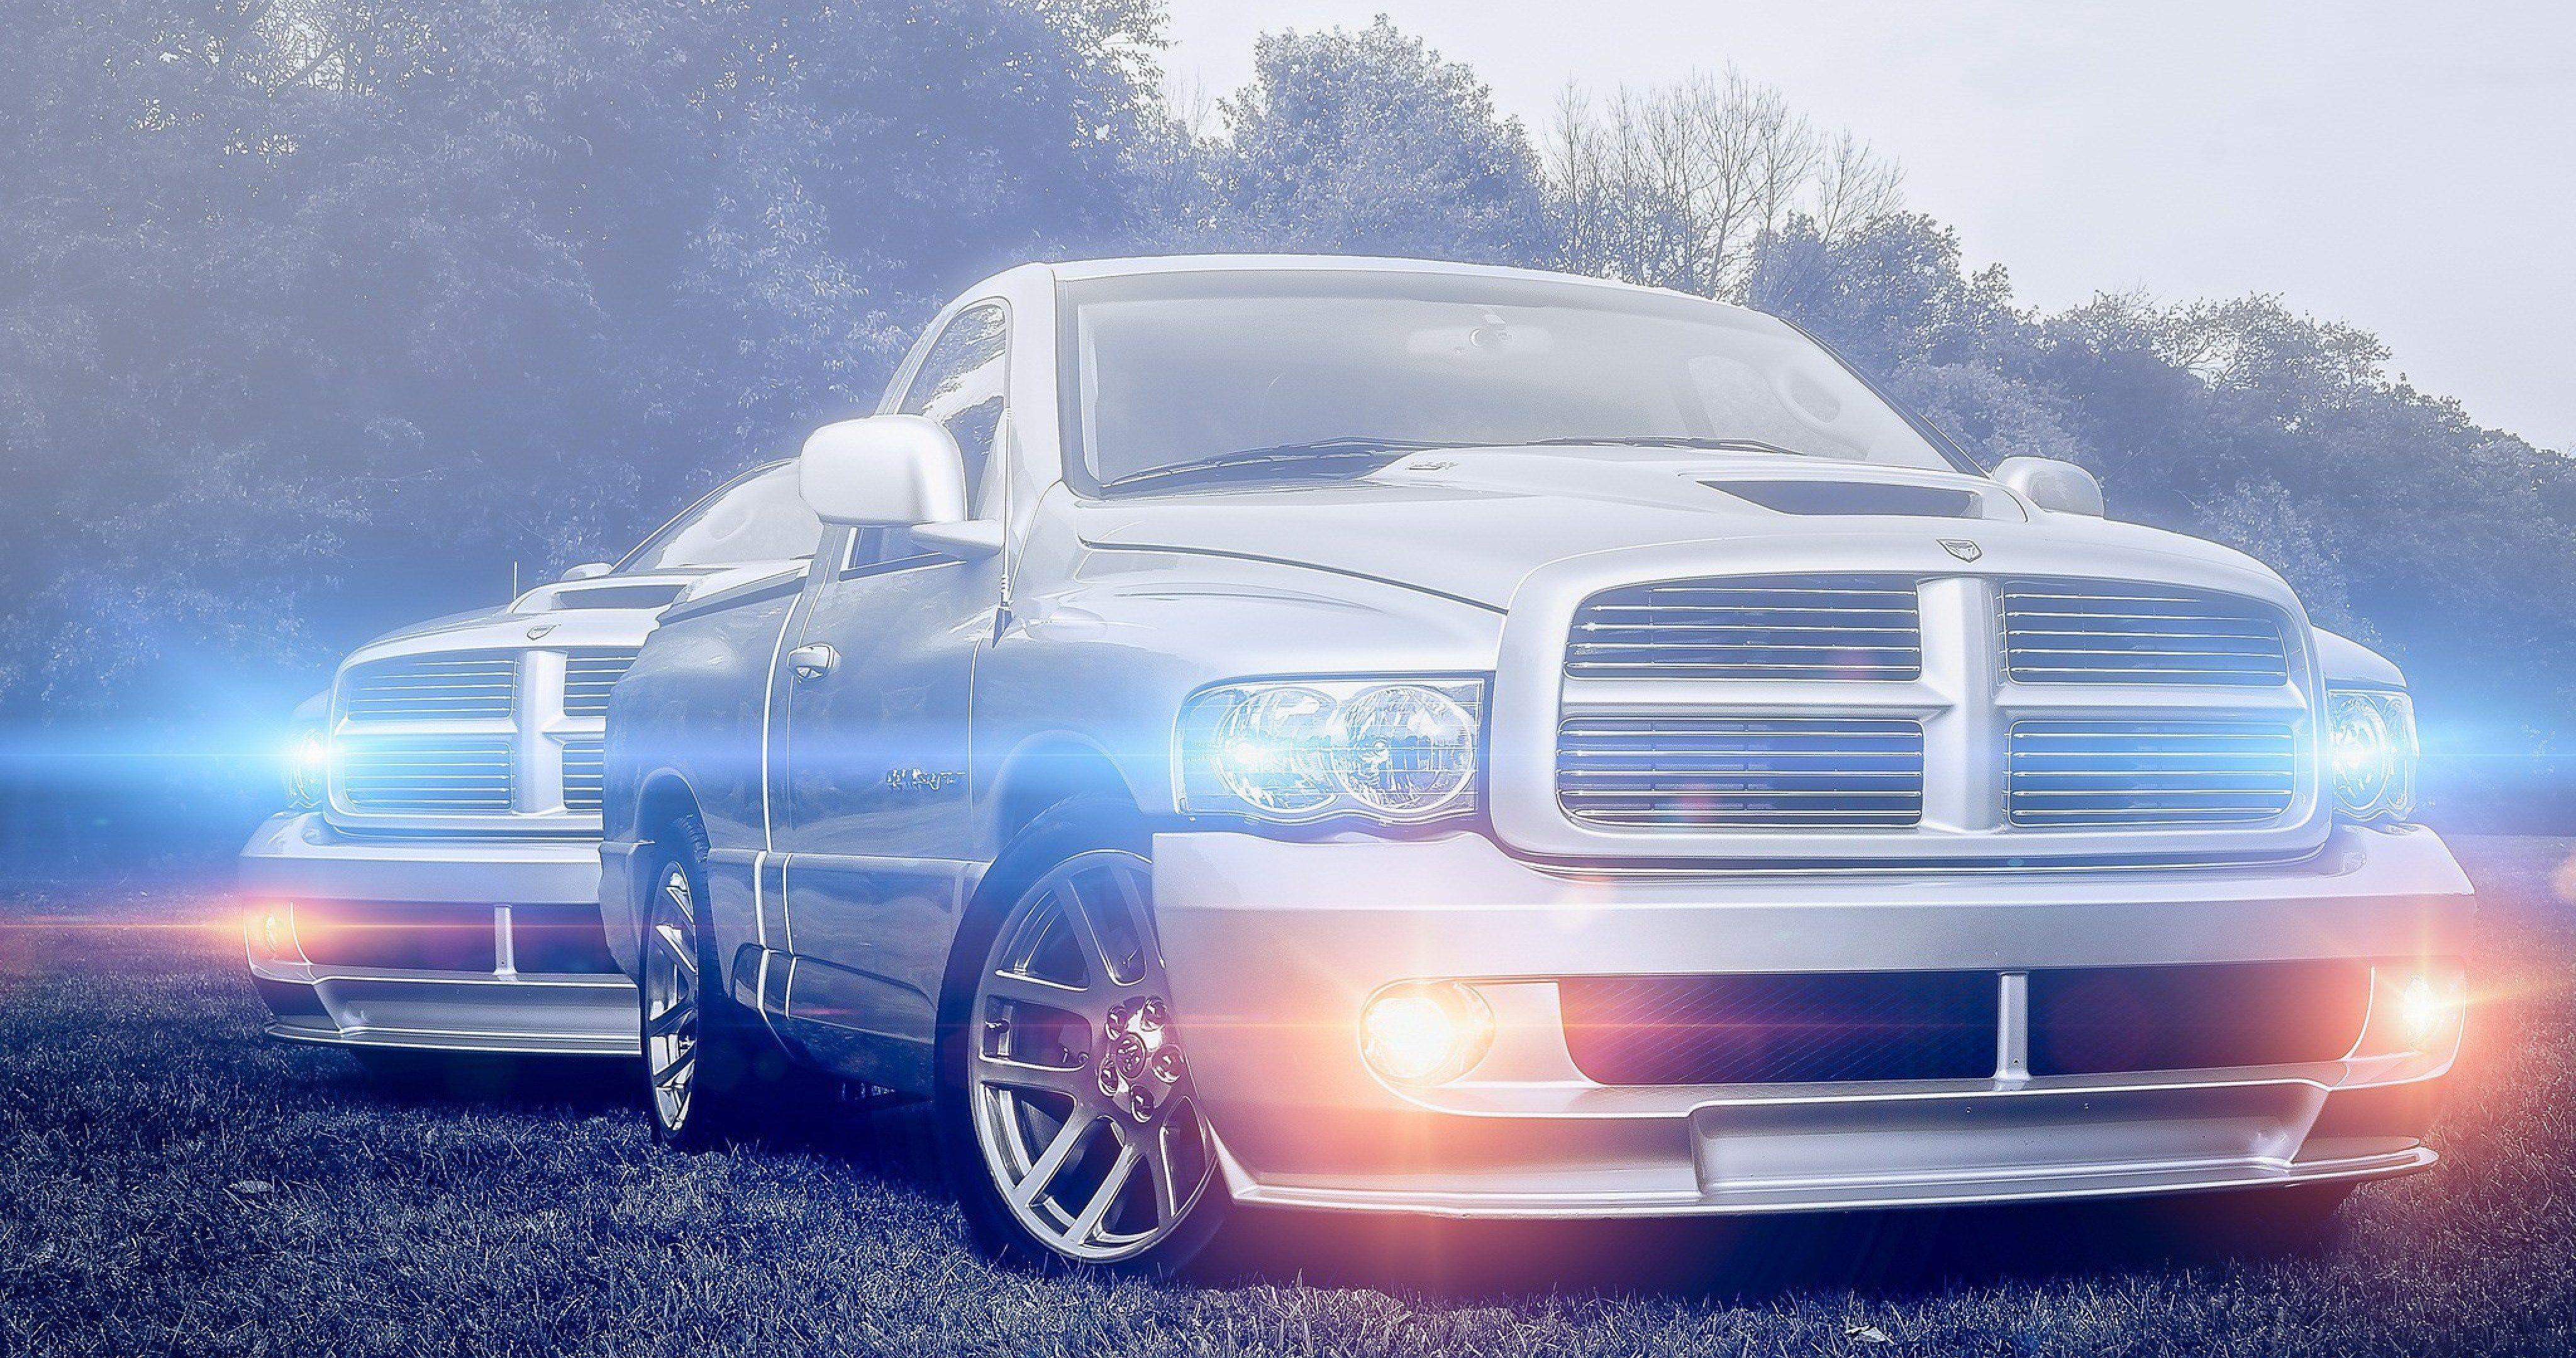 Dodge Ram Silvery 4k Ultra Hd Wallpaper